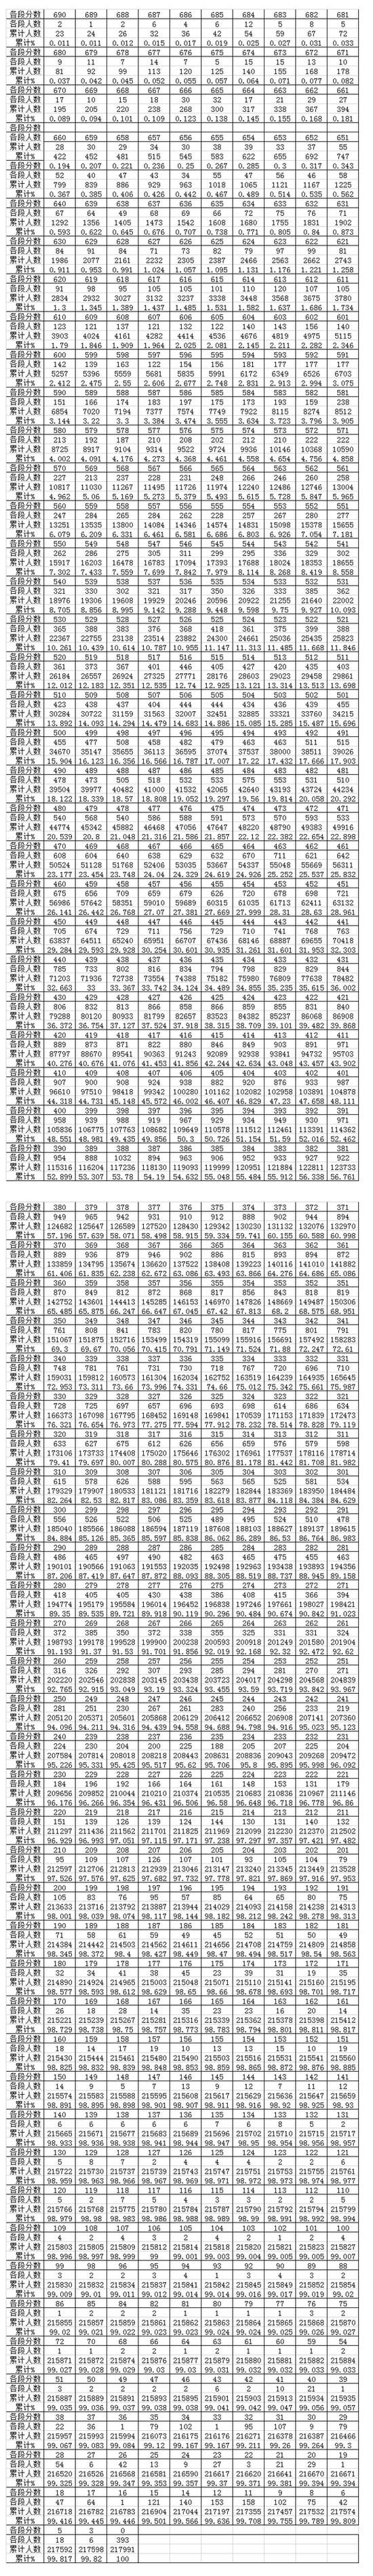 贵州2018年高考成绩一分一段表!